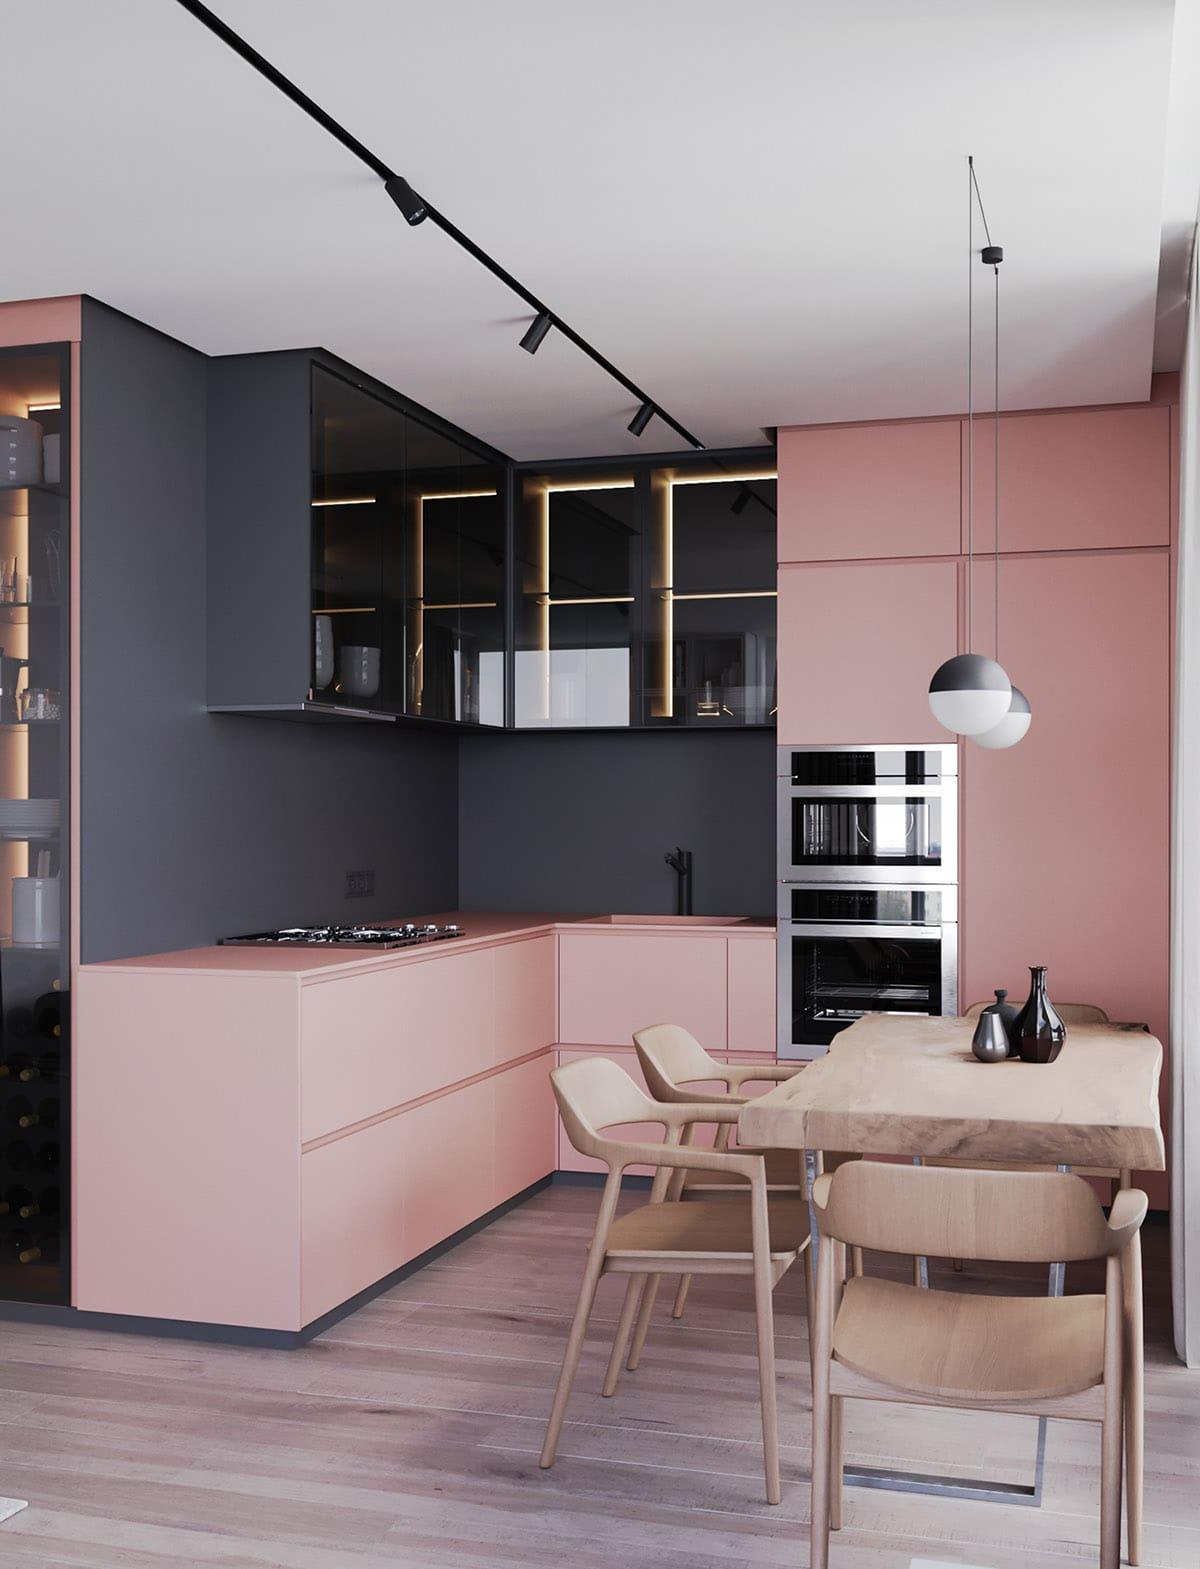 Design dans les tons gris-rose photo 2